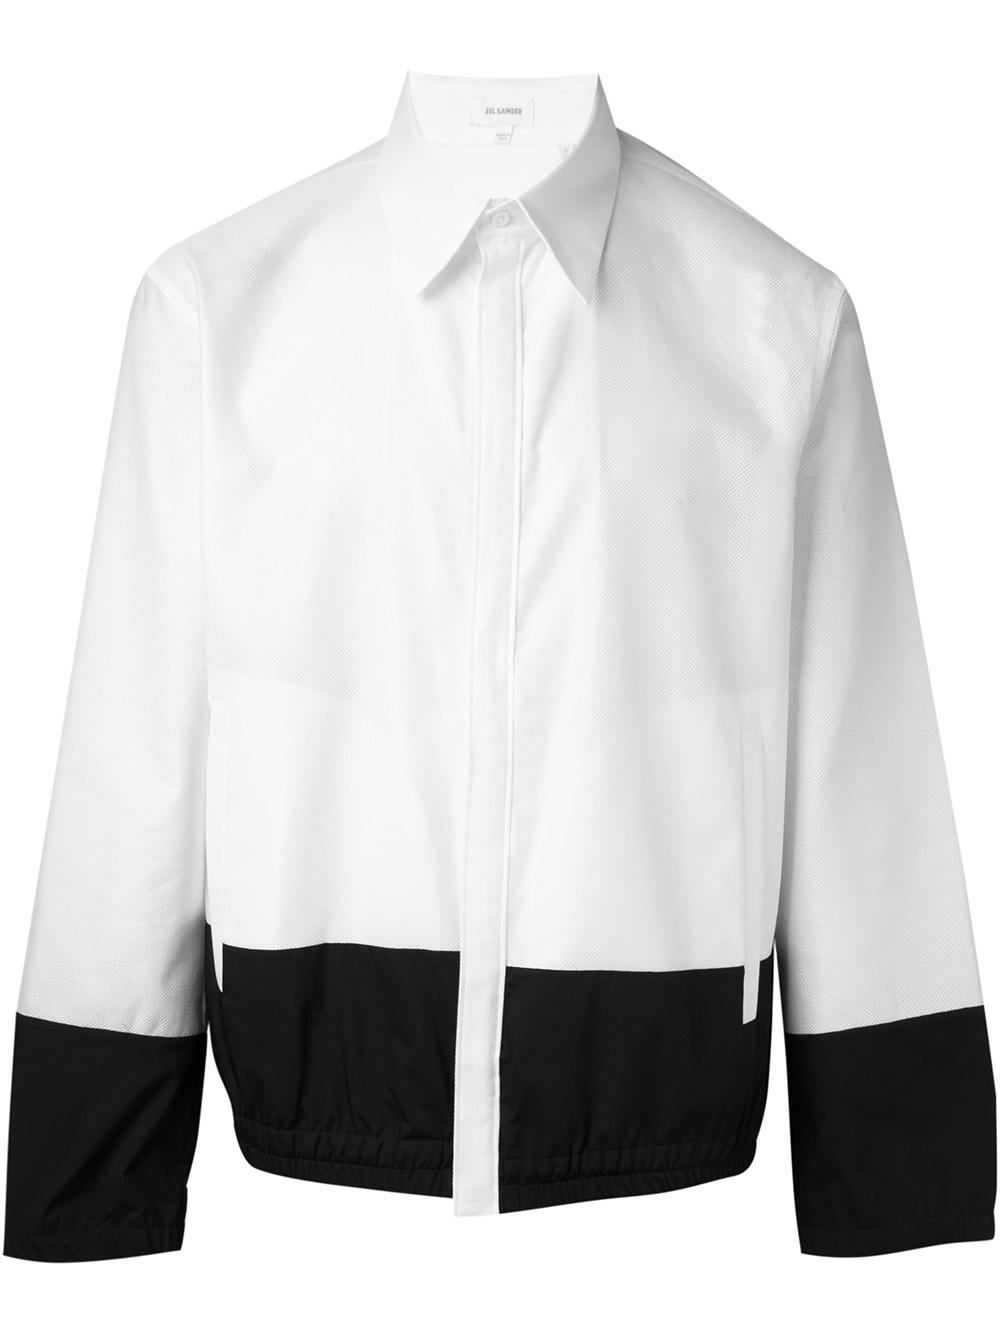 Jil sander contrast hem shirt jacket in black for men lyst for Jil sander mens shirt